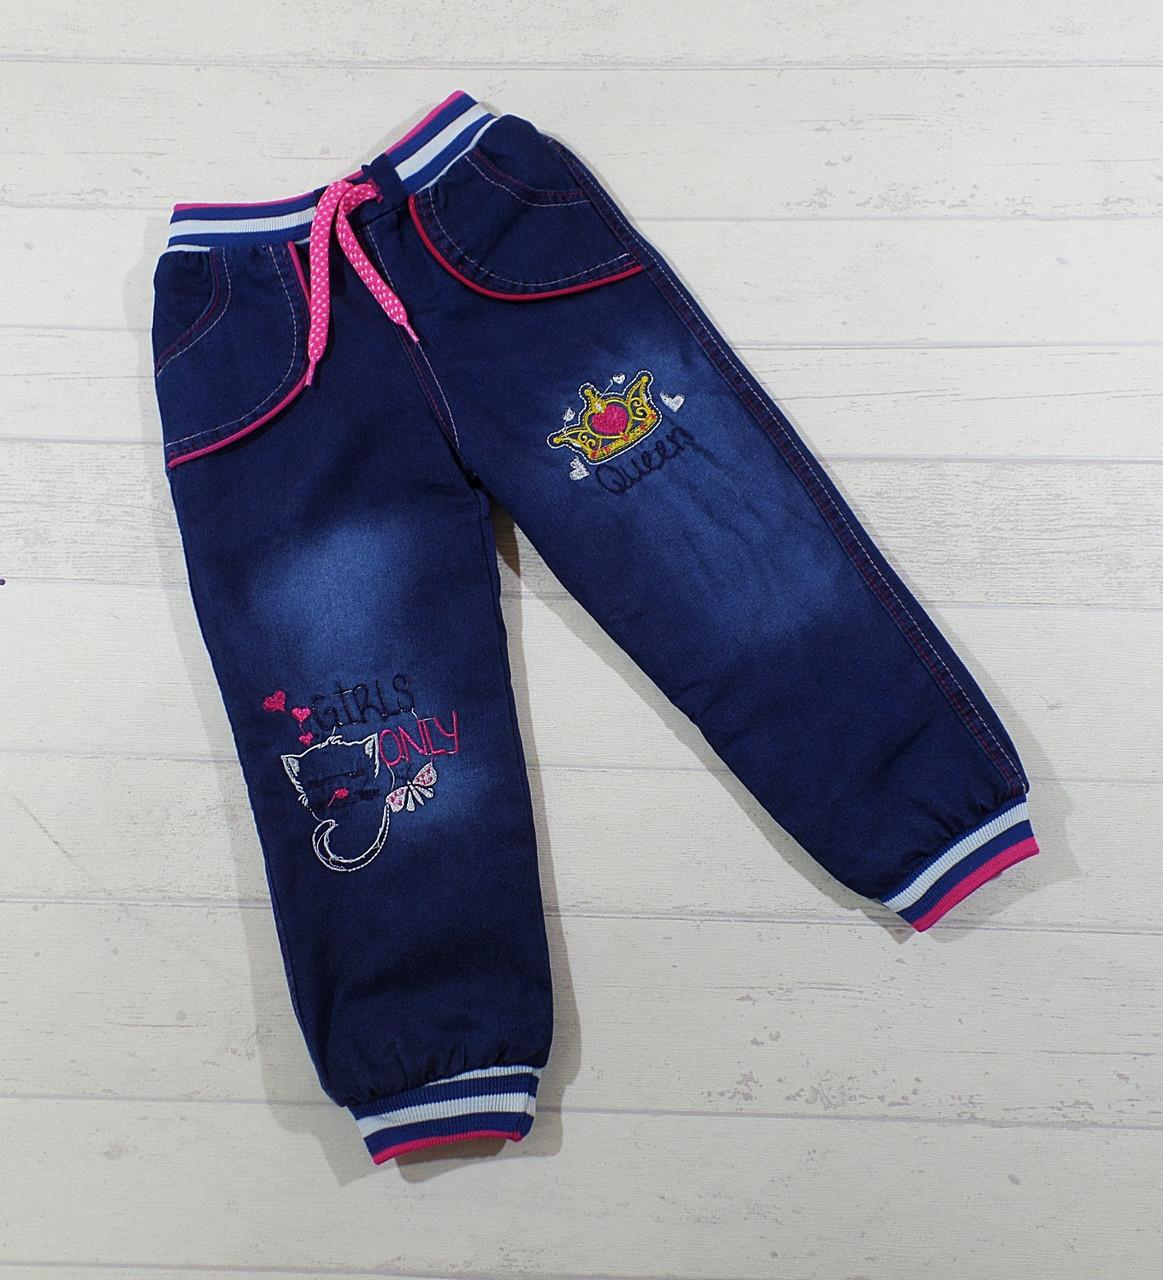 Детские джинсы оптом для девочек на МАХРЕ 2,3,4,5,6 лет 5489612730616